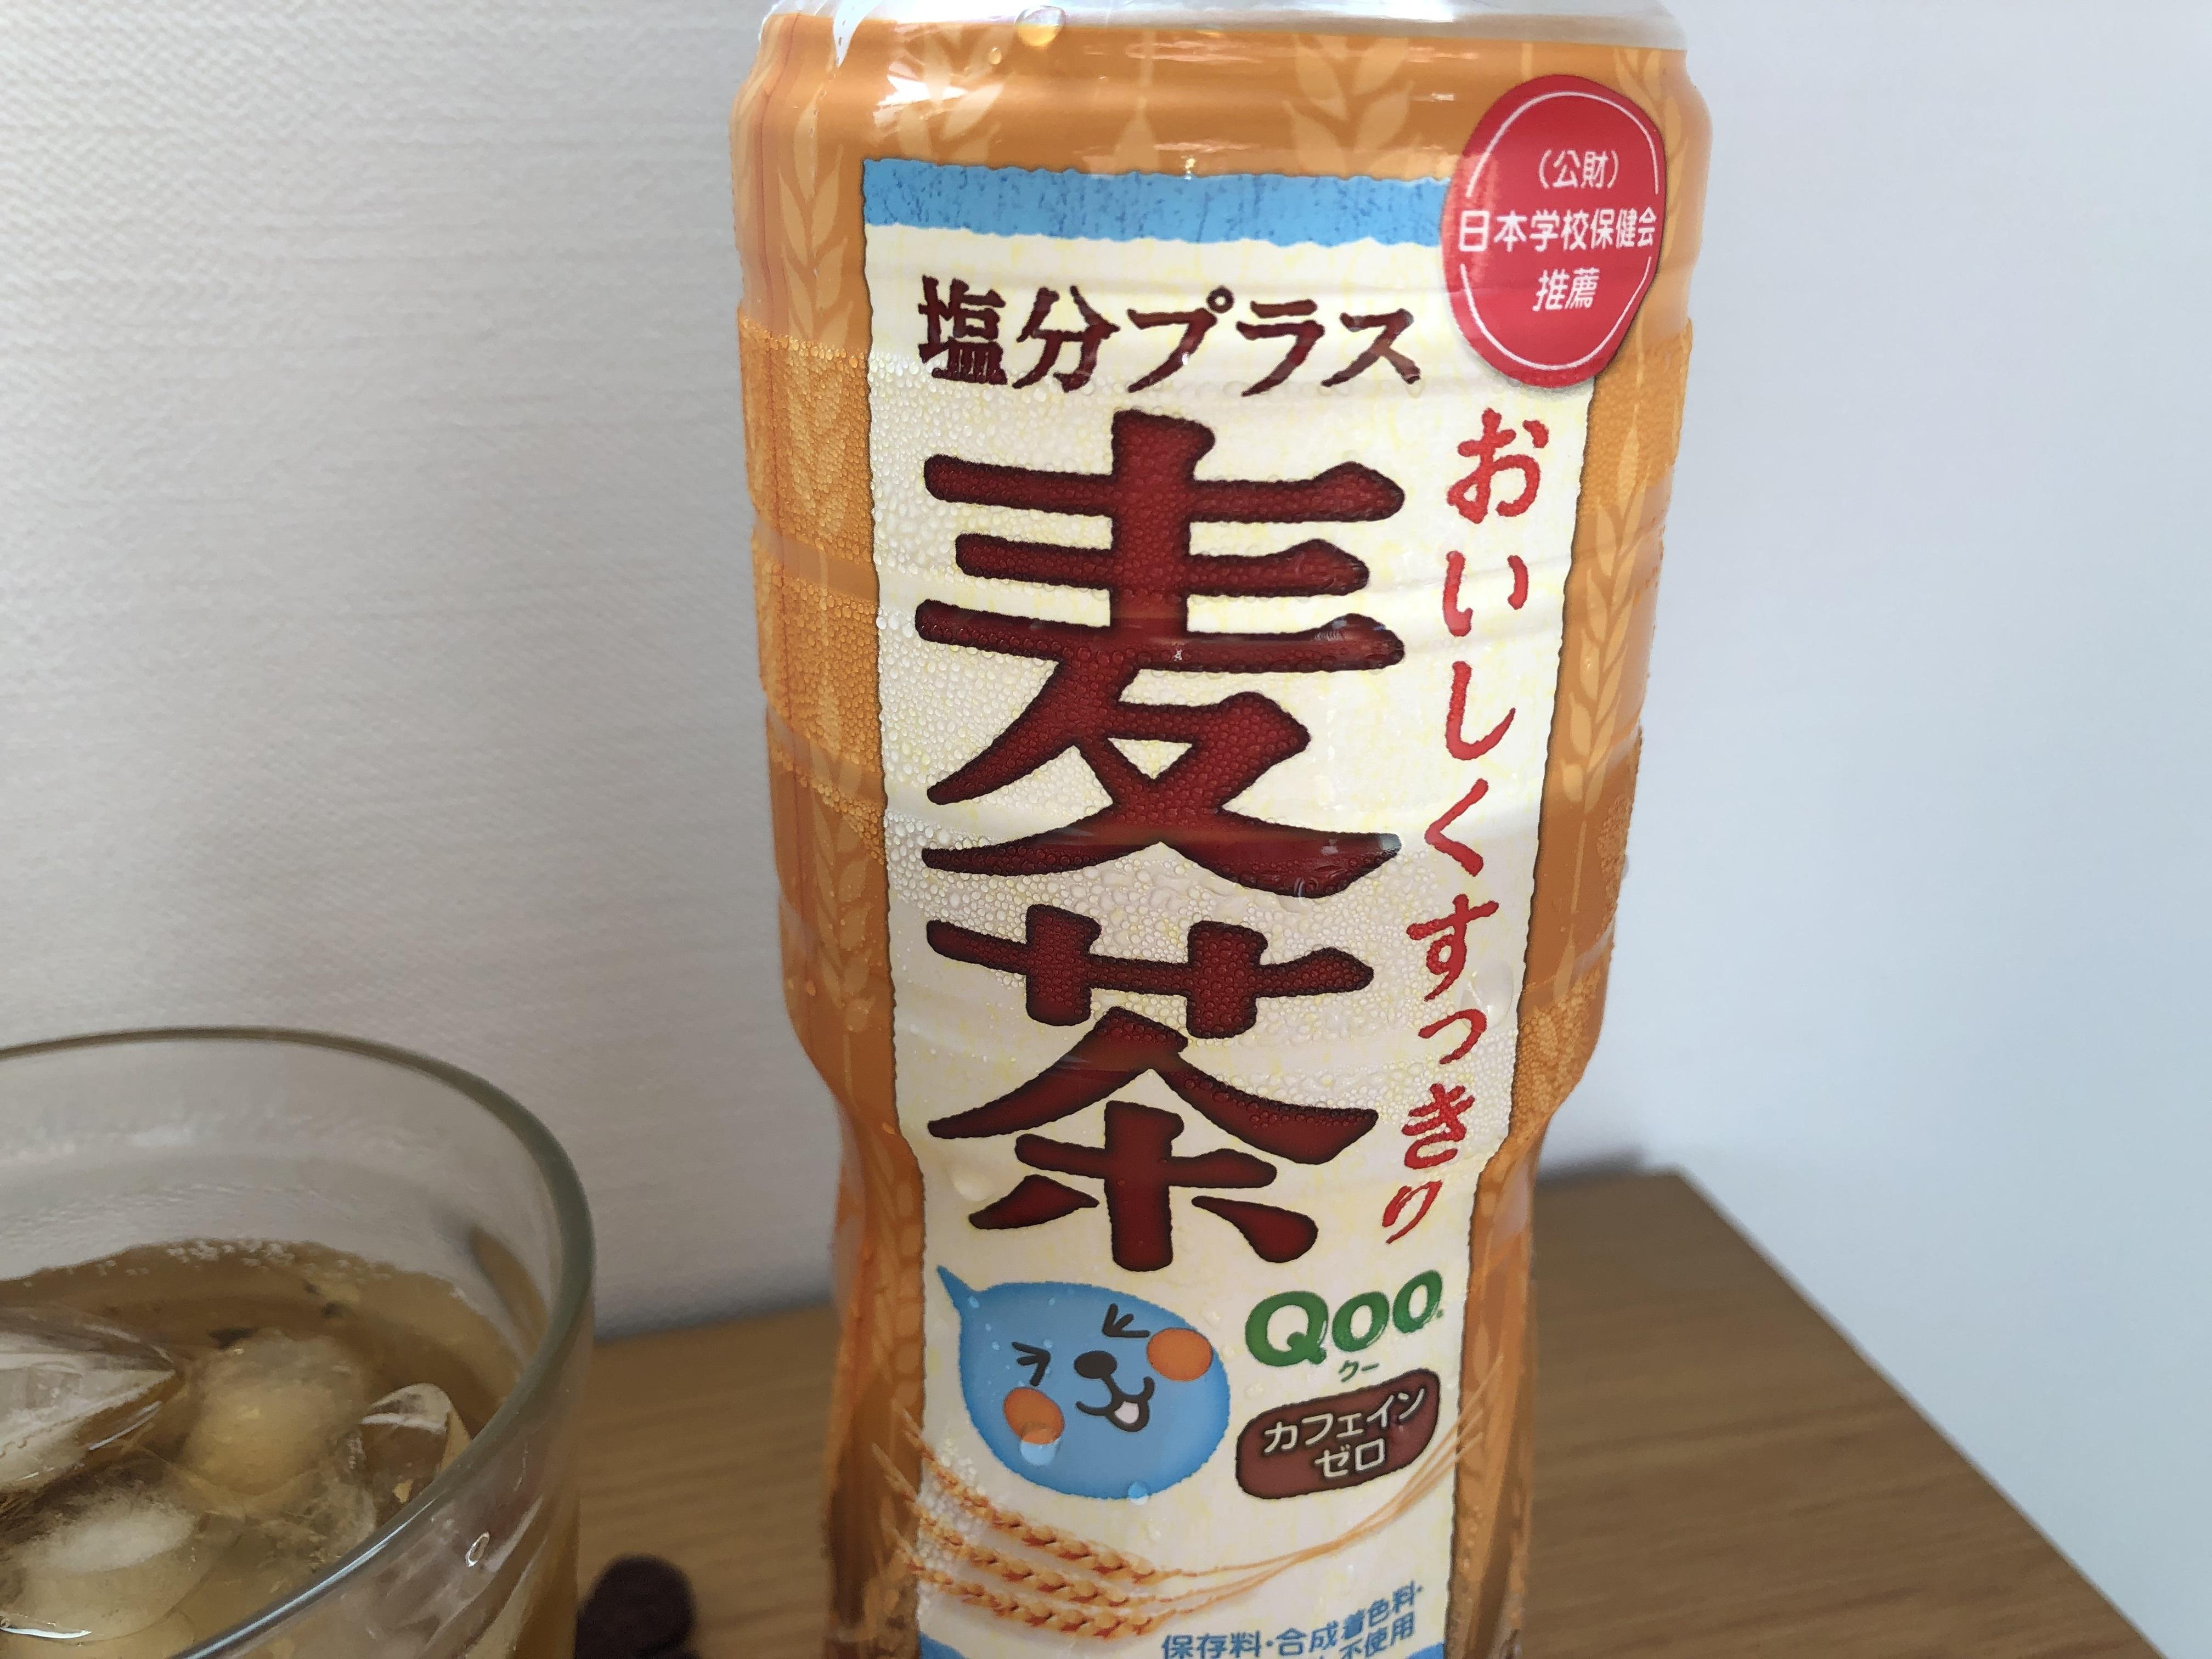 塩分プラス麦茶を飲んだ口コミ!Qooクーの新しい麦茶はしょっぱい??